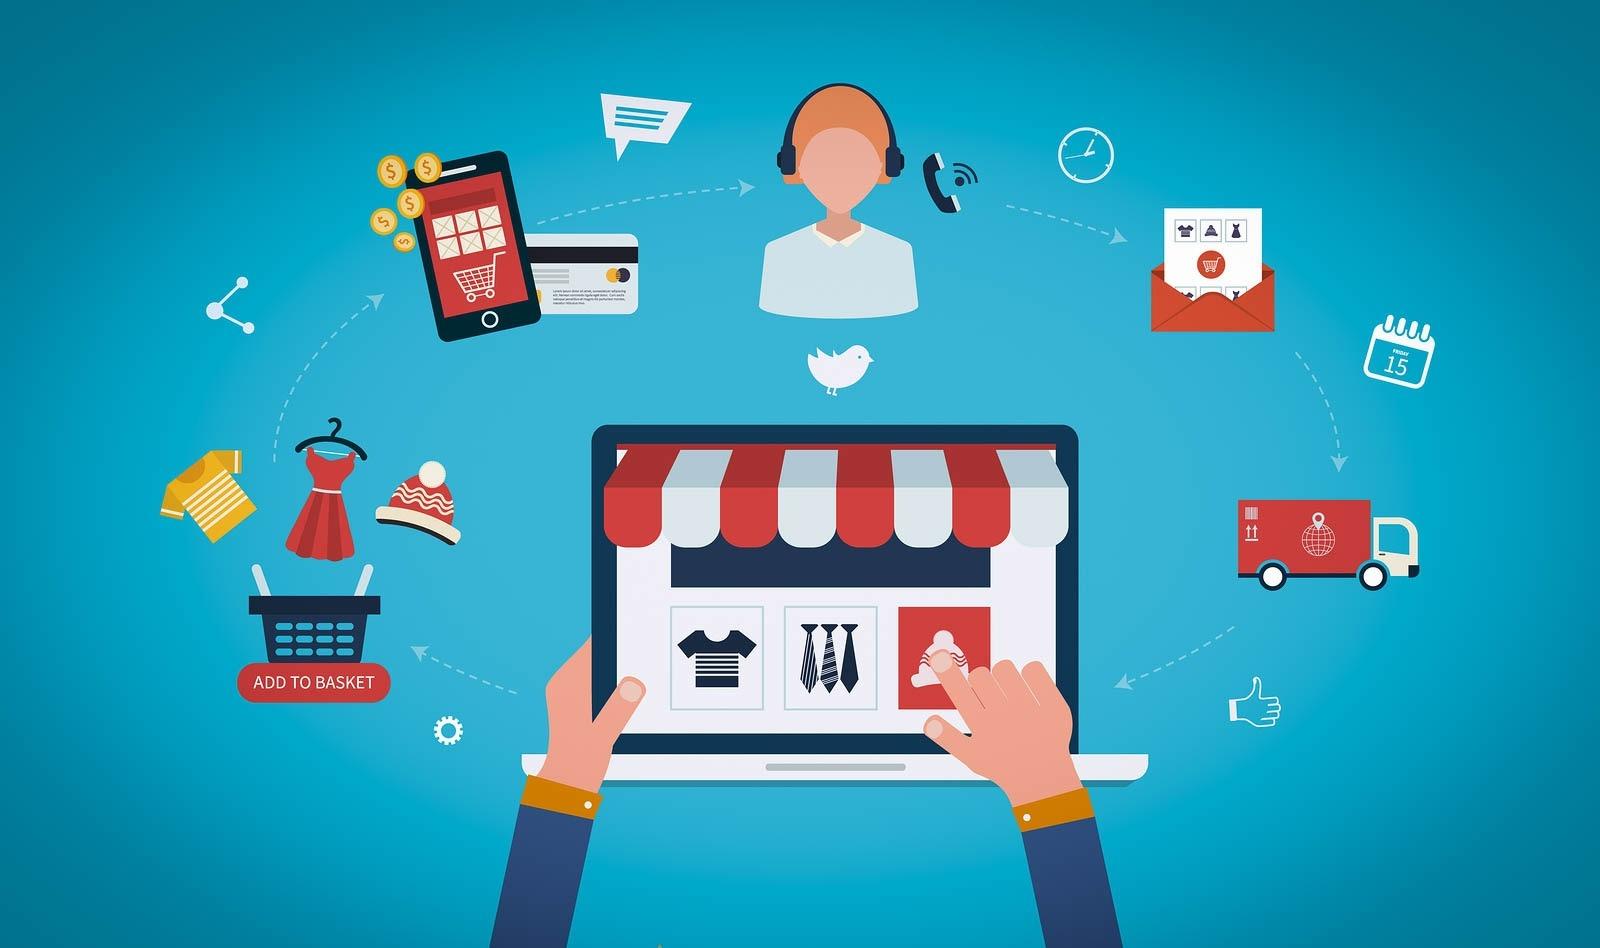 التسويق الإلكتروني سهل.. المواقع دي هتخليك من الآخر